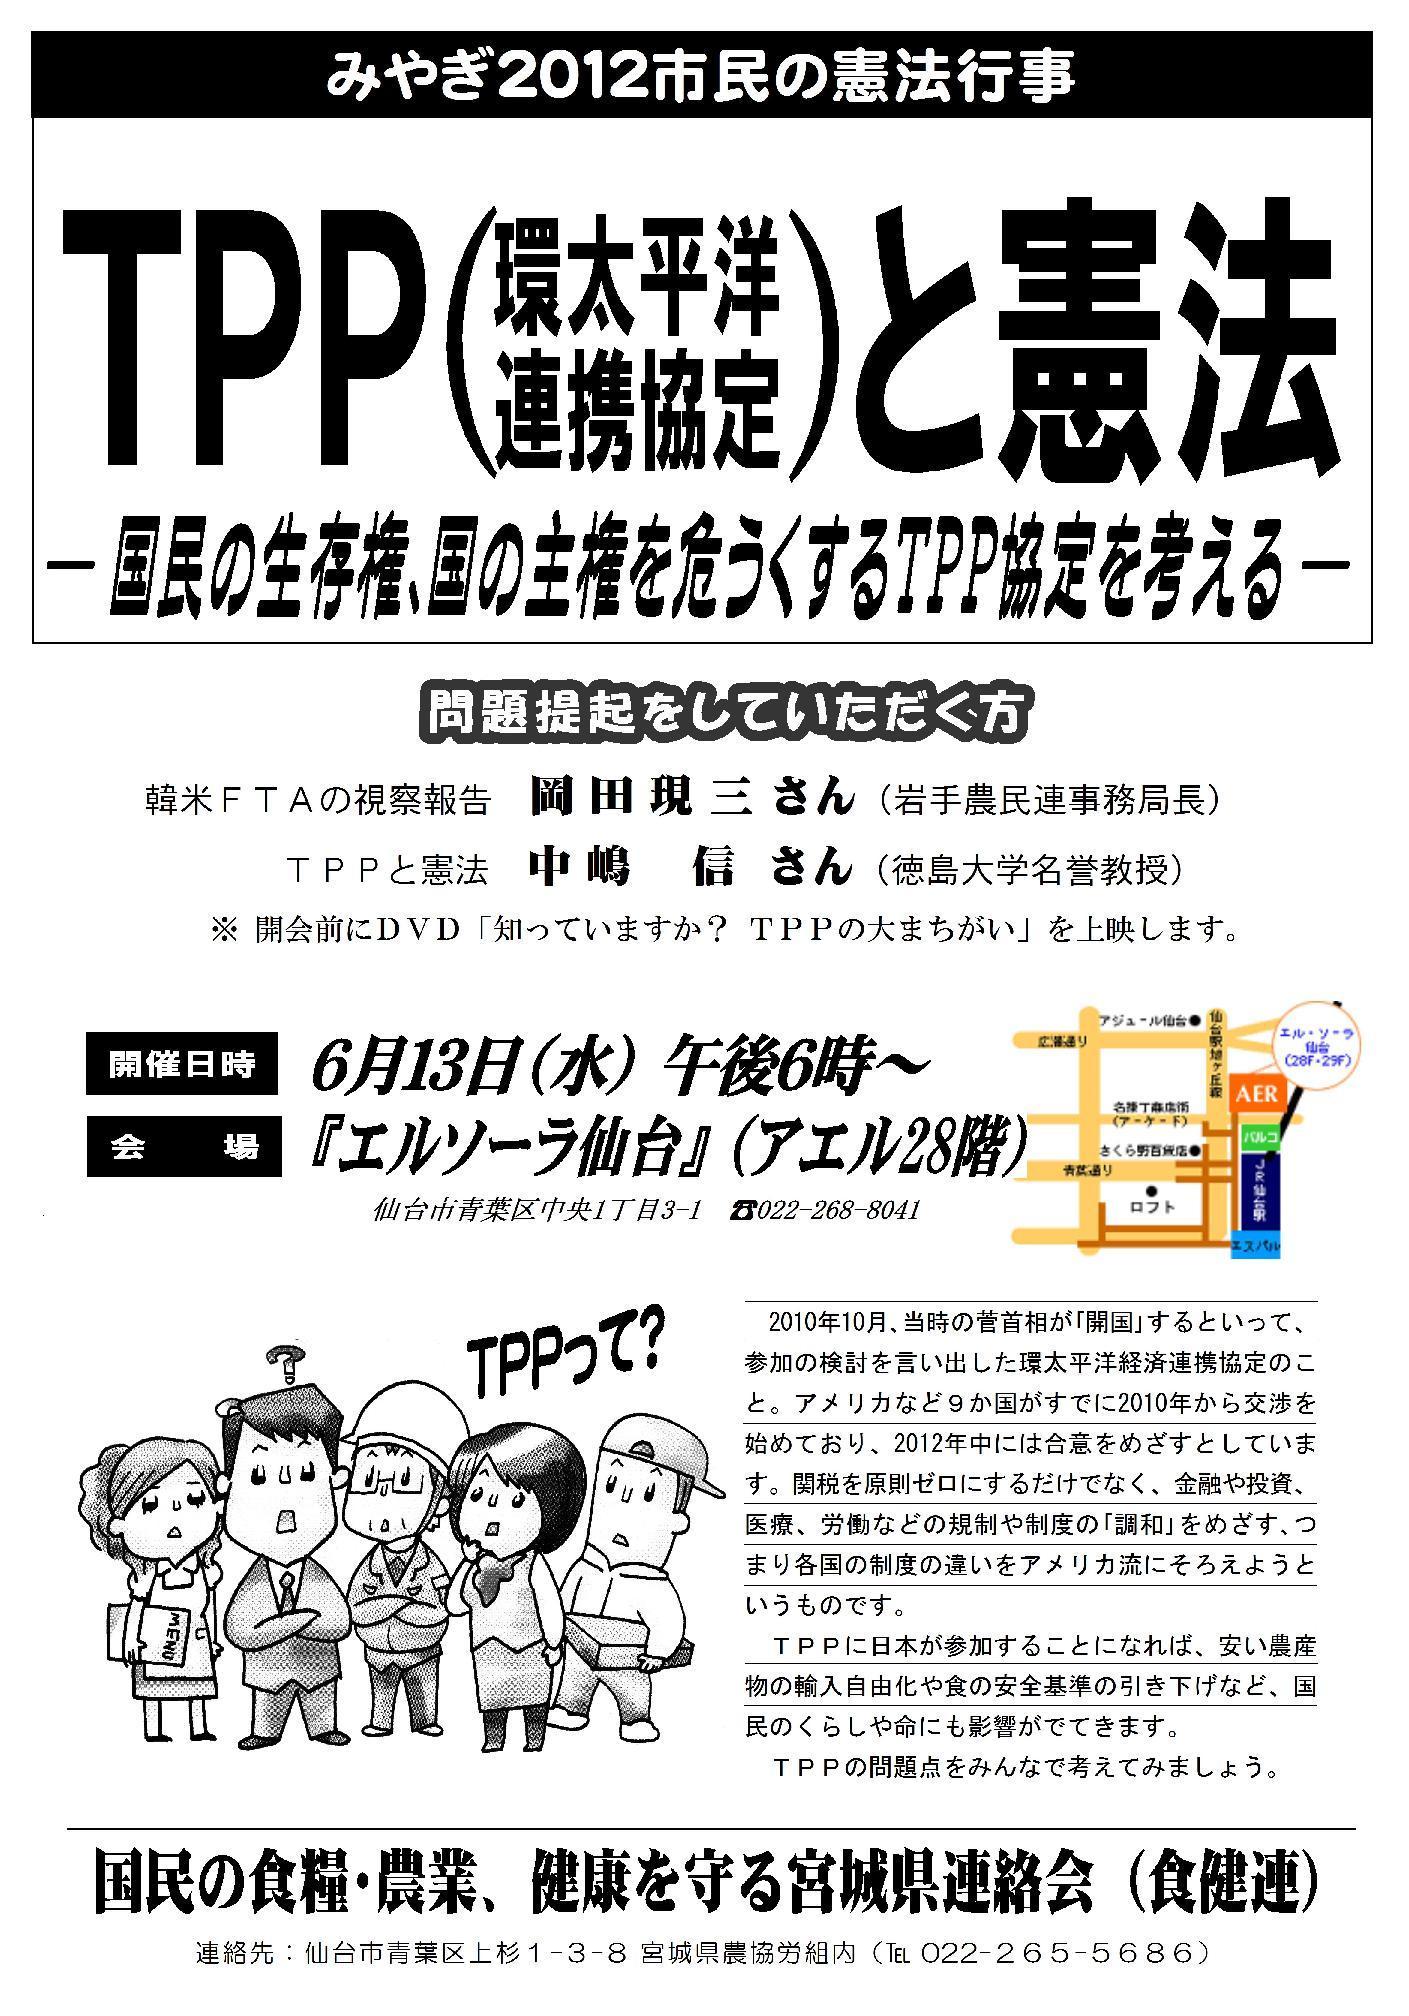 TPPチラシ